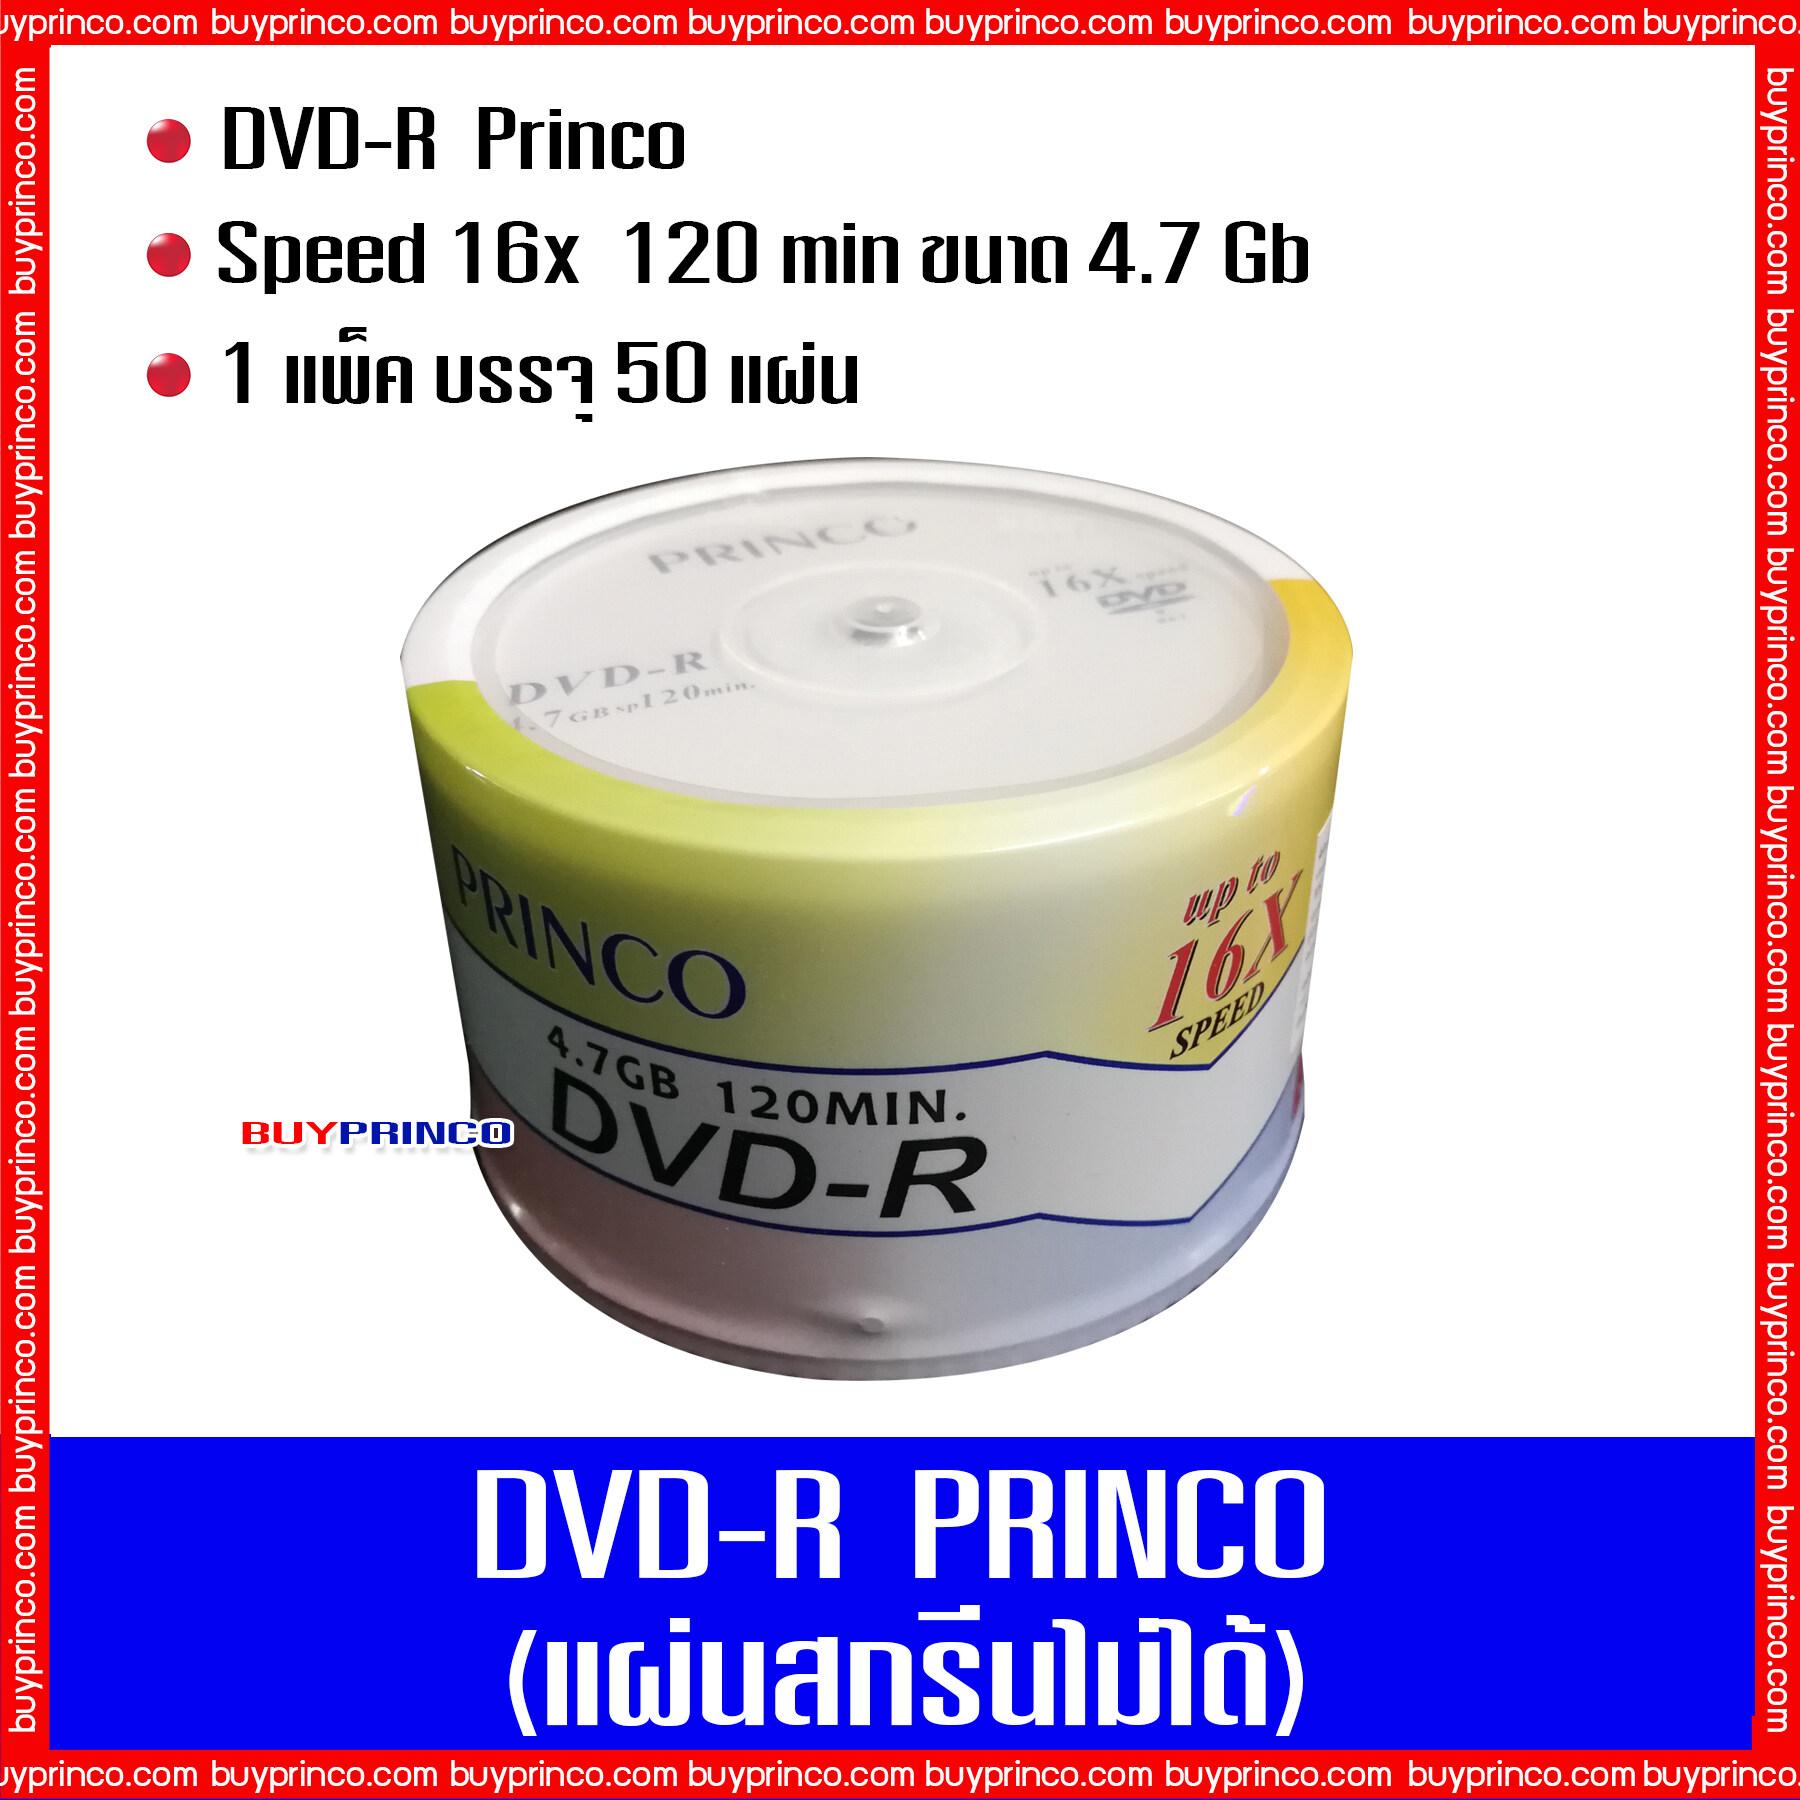 แผ่นดีวีดี พริงโก้ Dvd R Princo (แผ่นดีวีดีสกรีนไม่ได้).